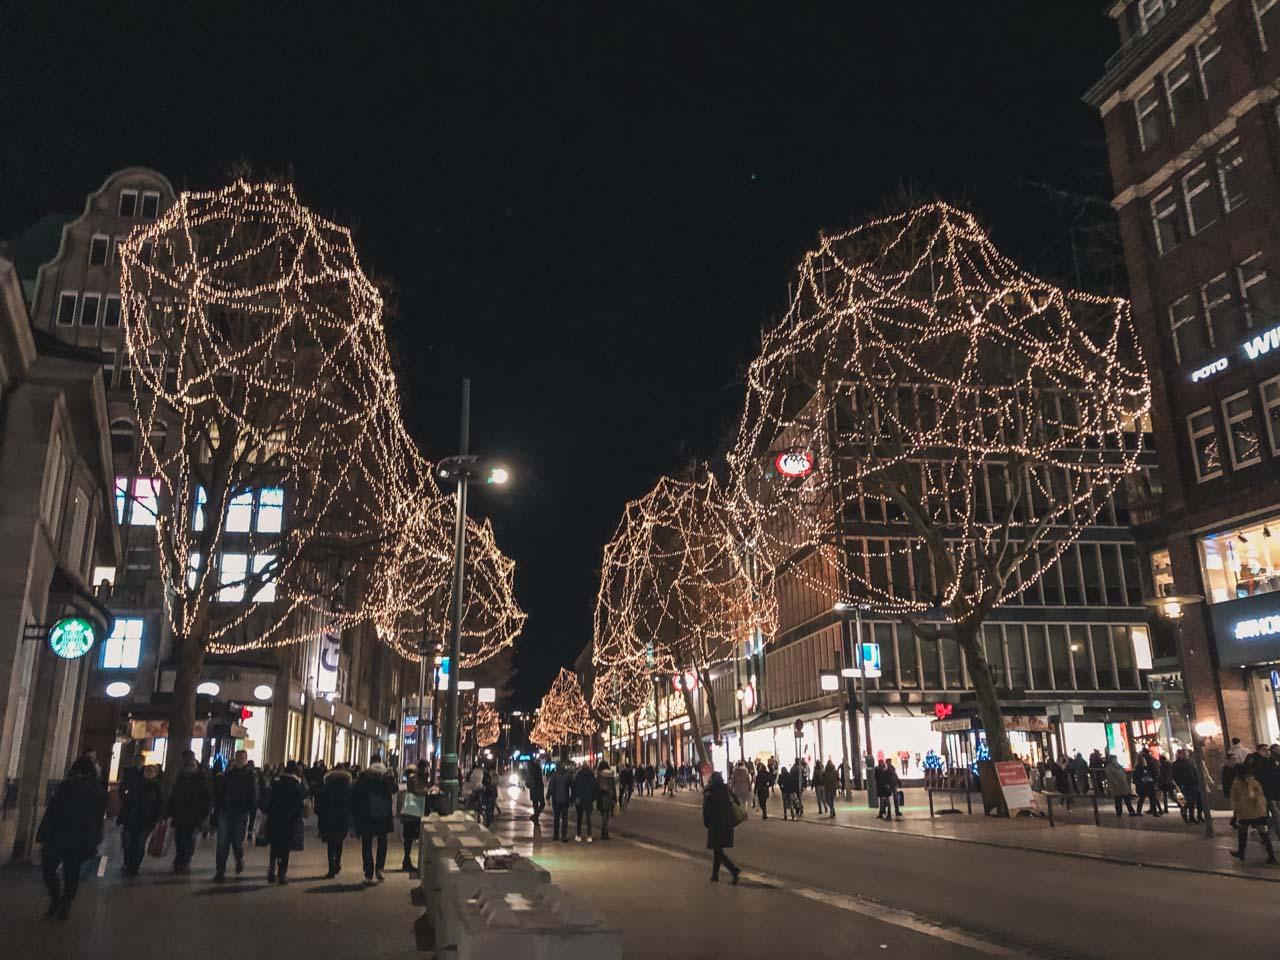 Christmas lights on the streets of Hamburg